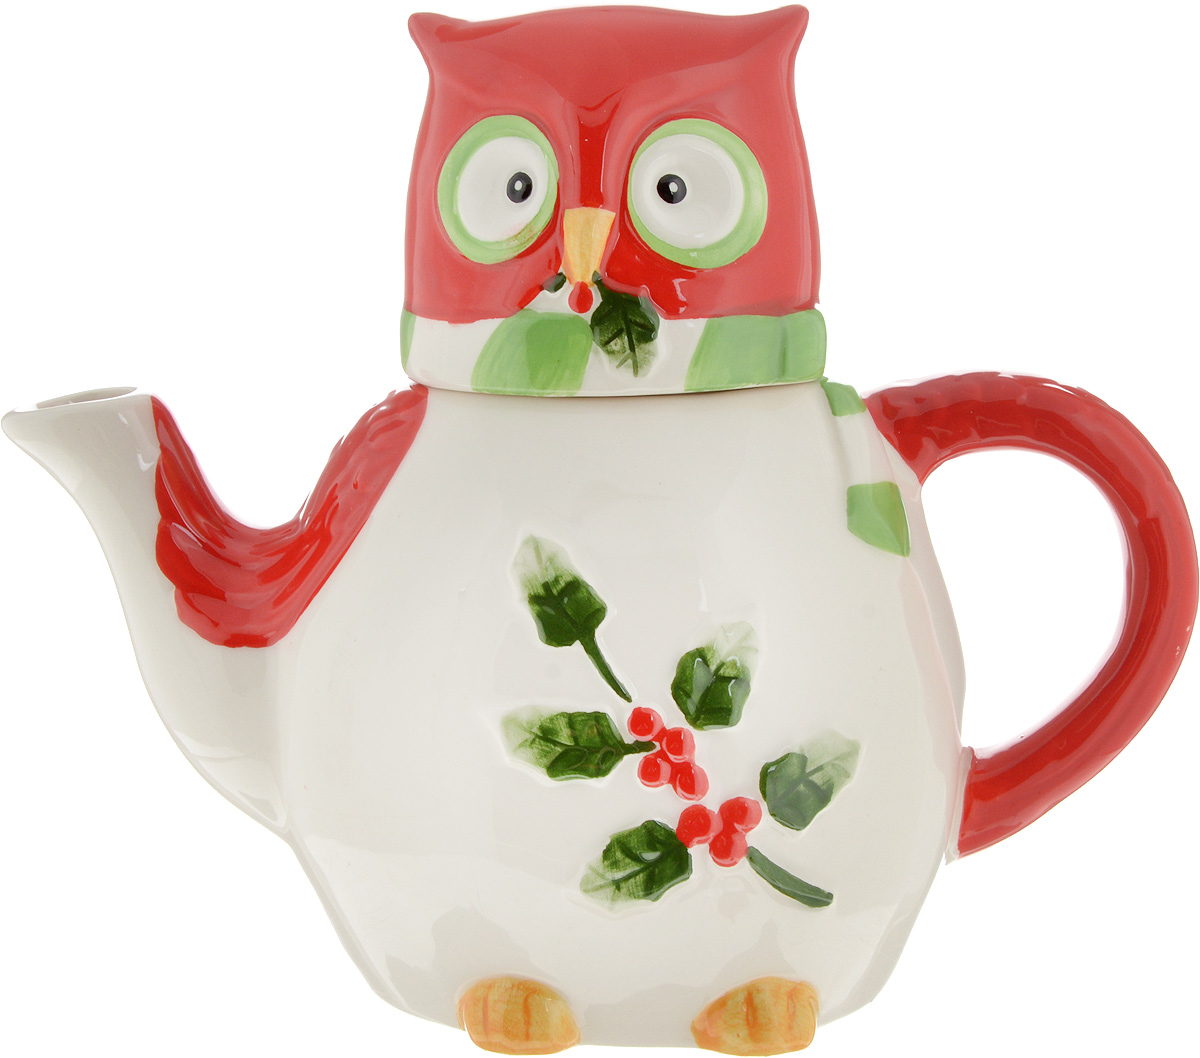 Чайник заварочный House & Holder Сова, цвет: белый, красный, 610 млDP-B63-131957B/E/белый/красныйЗаварочный чайник House & Holder Сова выполнен из высококачественной керамики и покрыт сверкающей глазурью. Изделие оформлено ярким рисунком и оснащено крышкой. Заварочный чайник House & Holder Сова придется по вкусу и ценителям классики, и тем, кто предпочитает утонченность и изысканность.Диаметр (по верхнему краю): 6 см. Высота чайника (без учета крышки): 10,5 см.Высота чайника (с учетом крышки): 17 см.